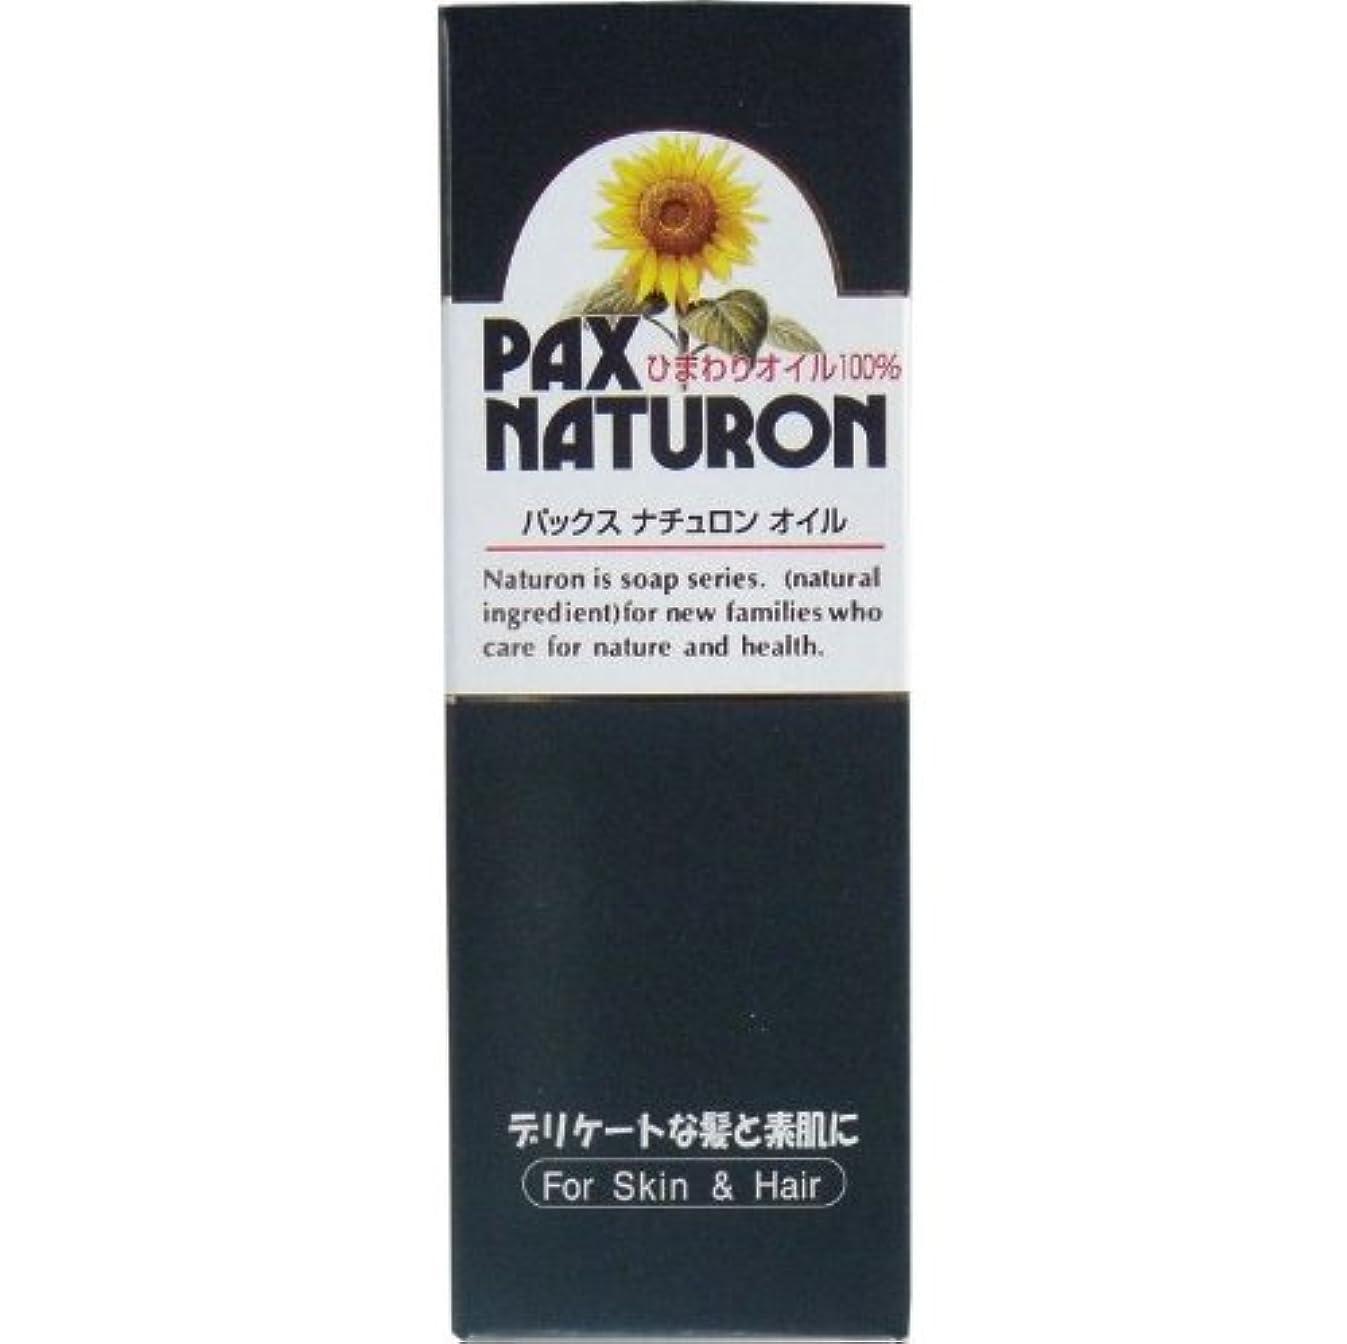 引っ張る予備ストリームデリケートな髪と素肌に!ひまわりの種子から採った ハイオレイックひまわり油 60mL【3個セット】